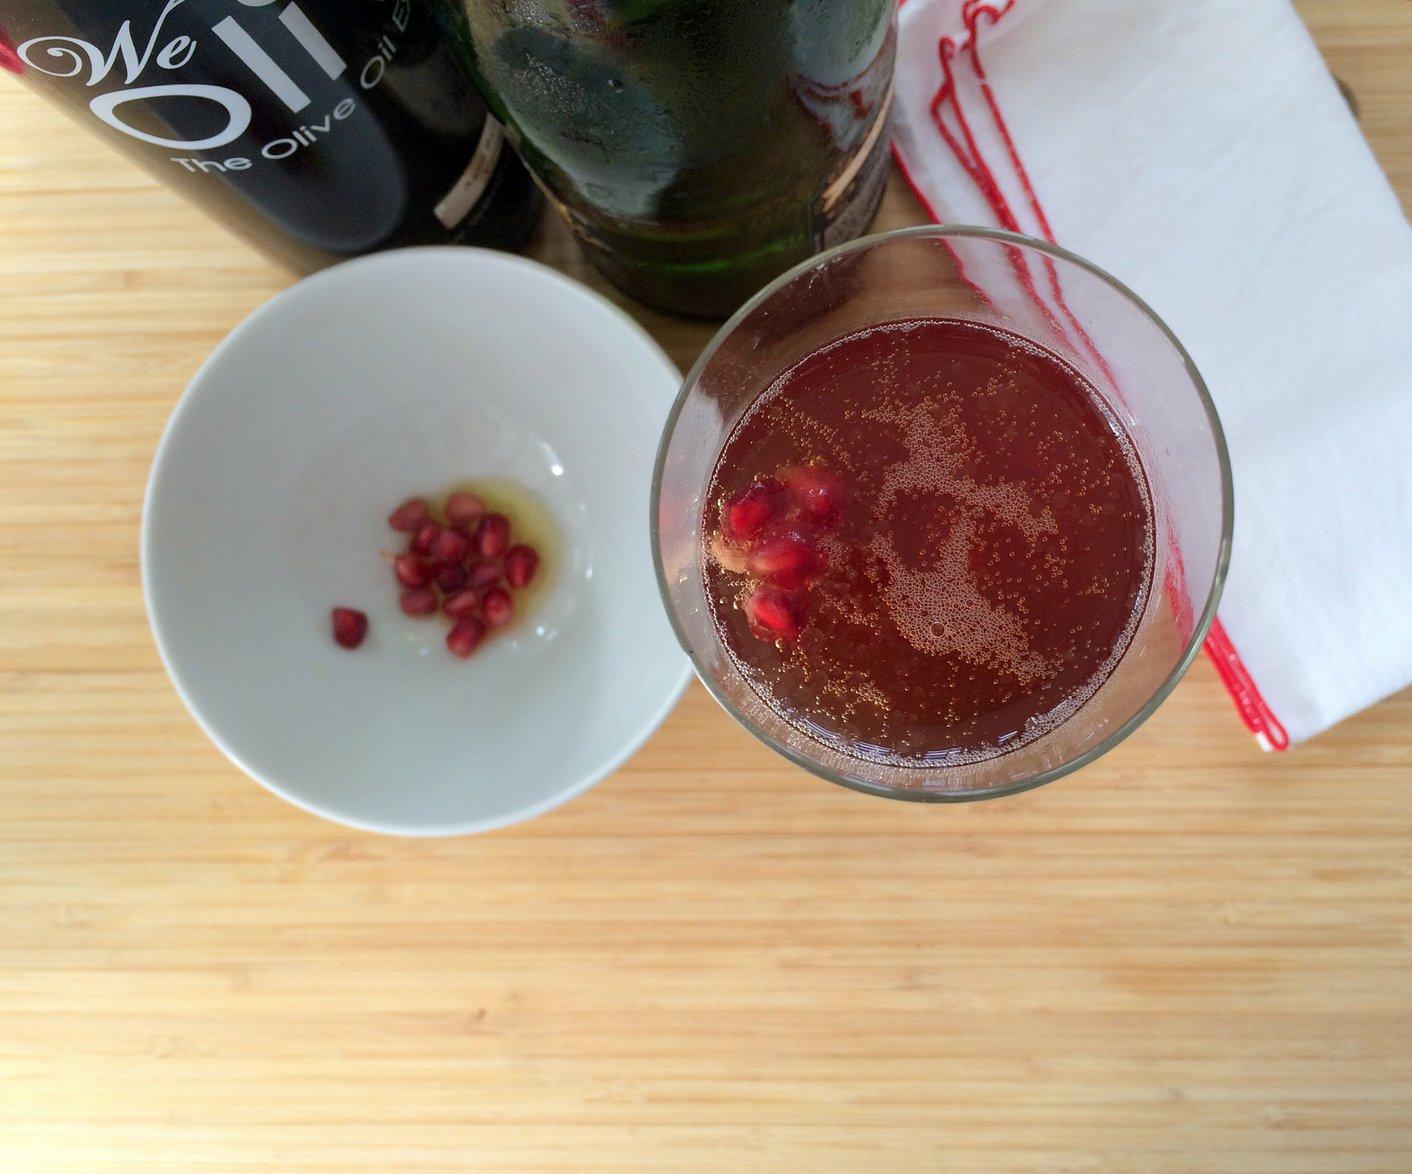 rsz_pomegranate_sparkler